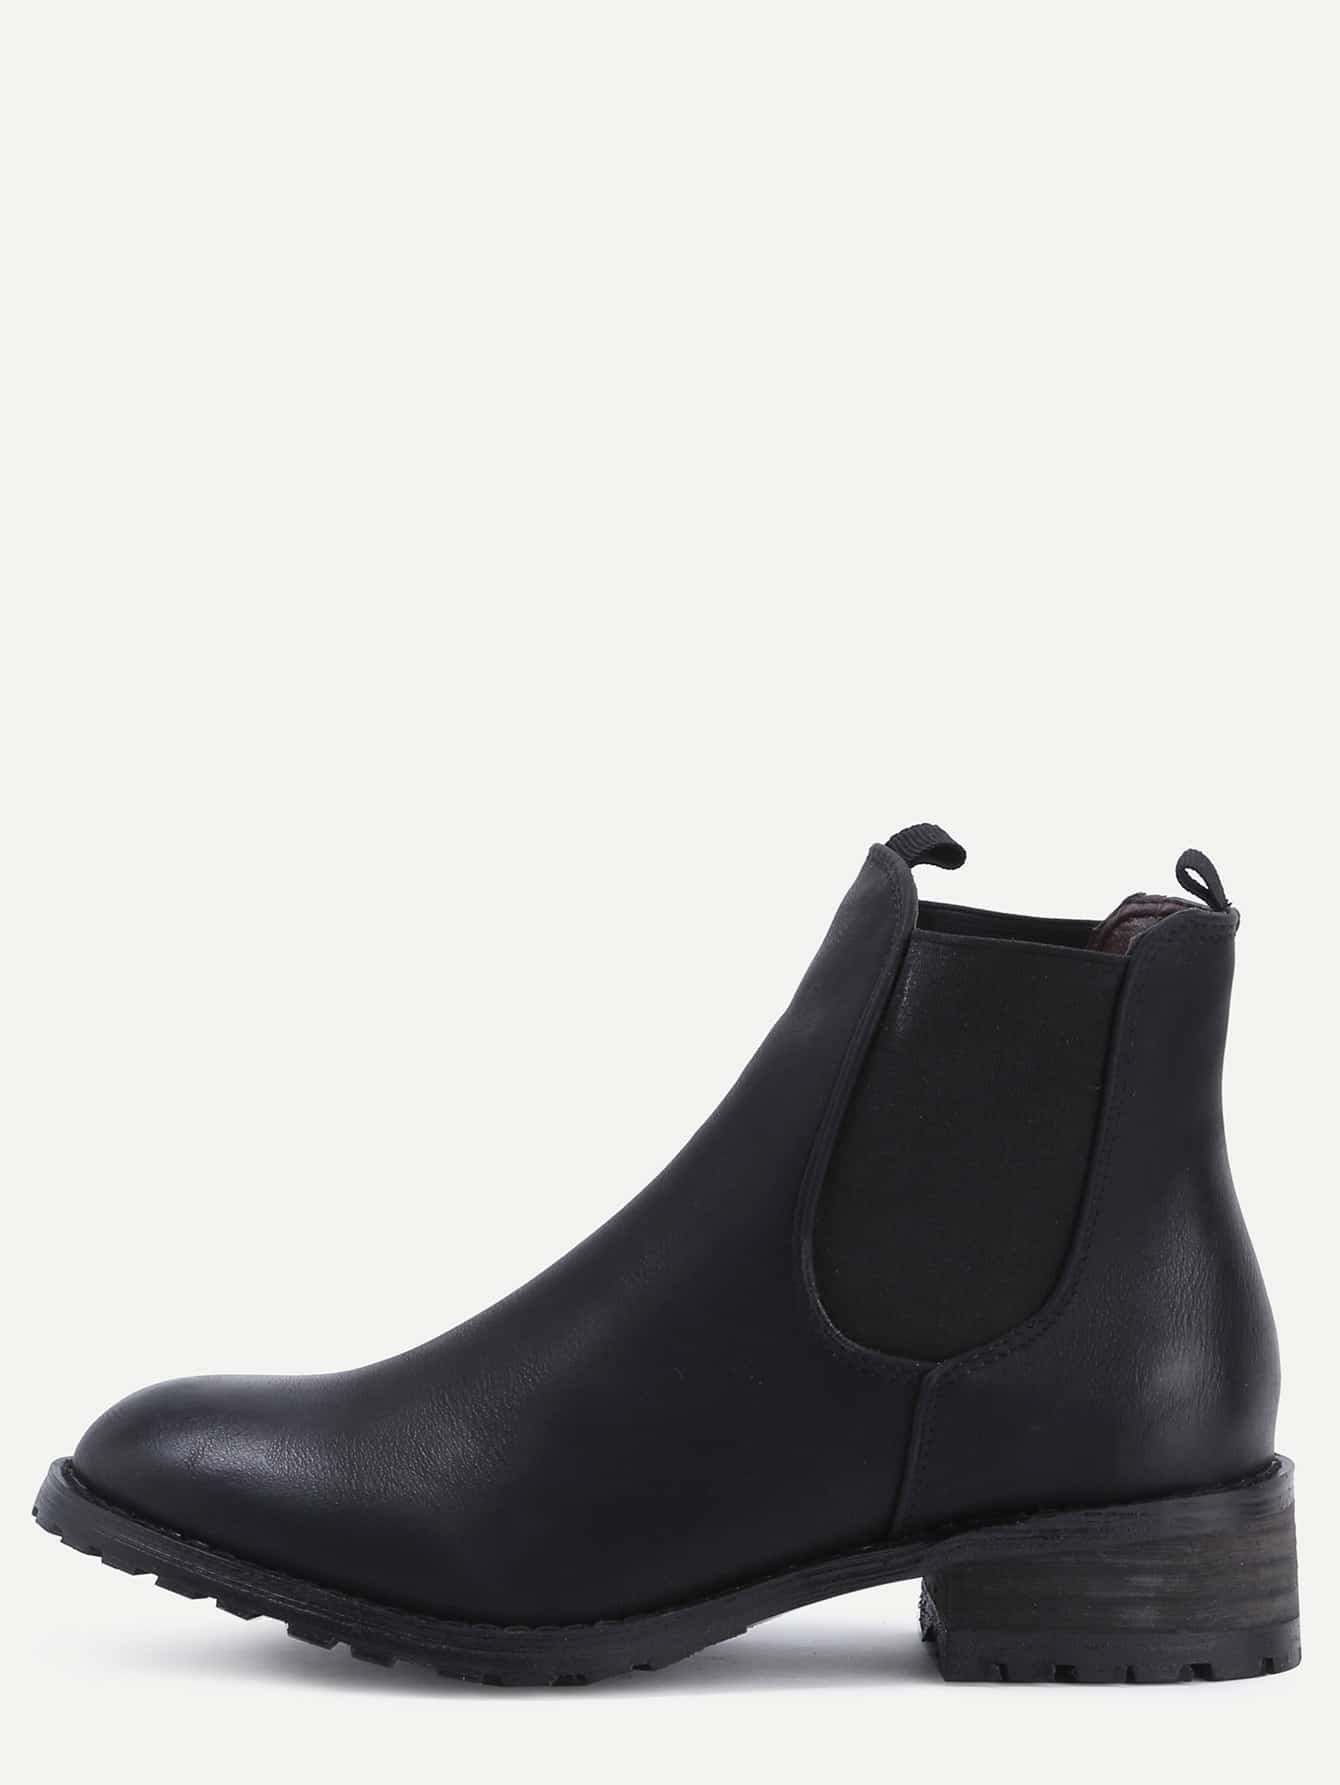 shoes160811808_2